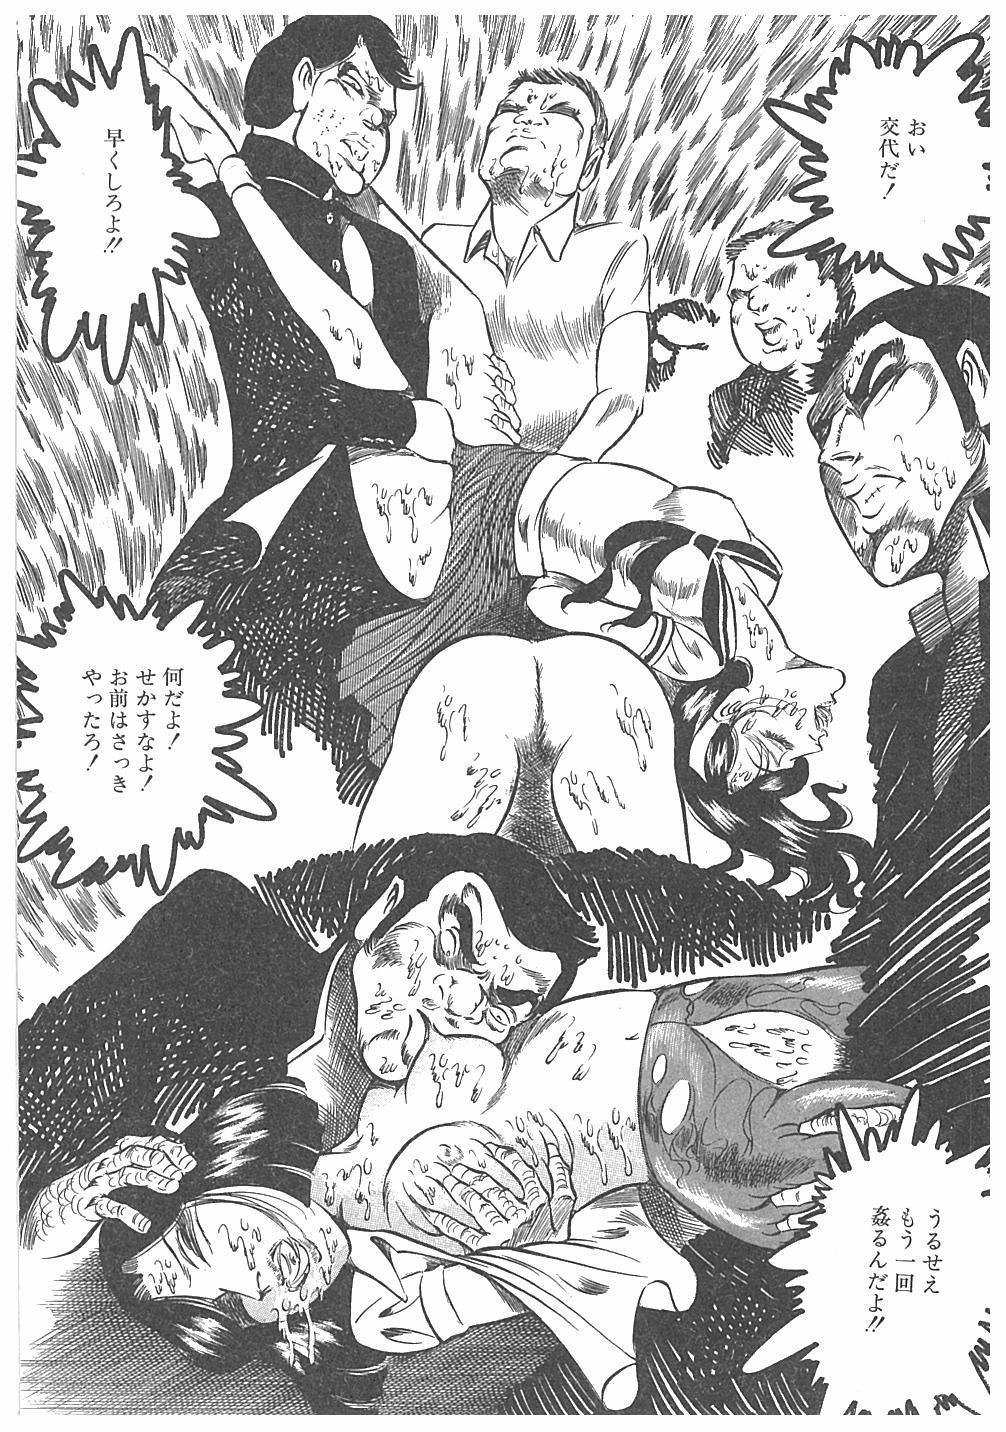 Jokyoushi Boukan! 196